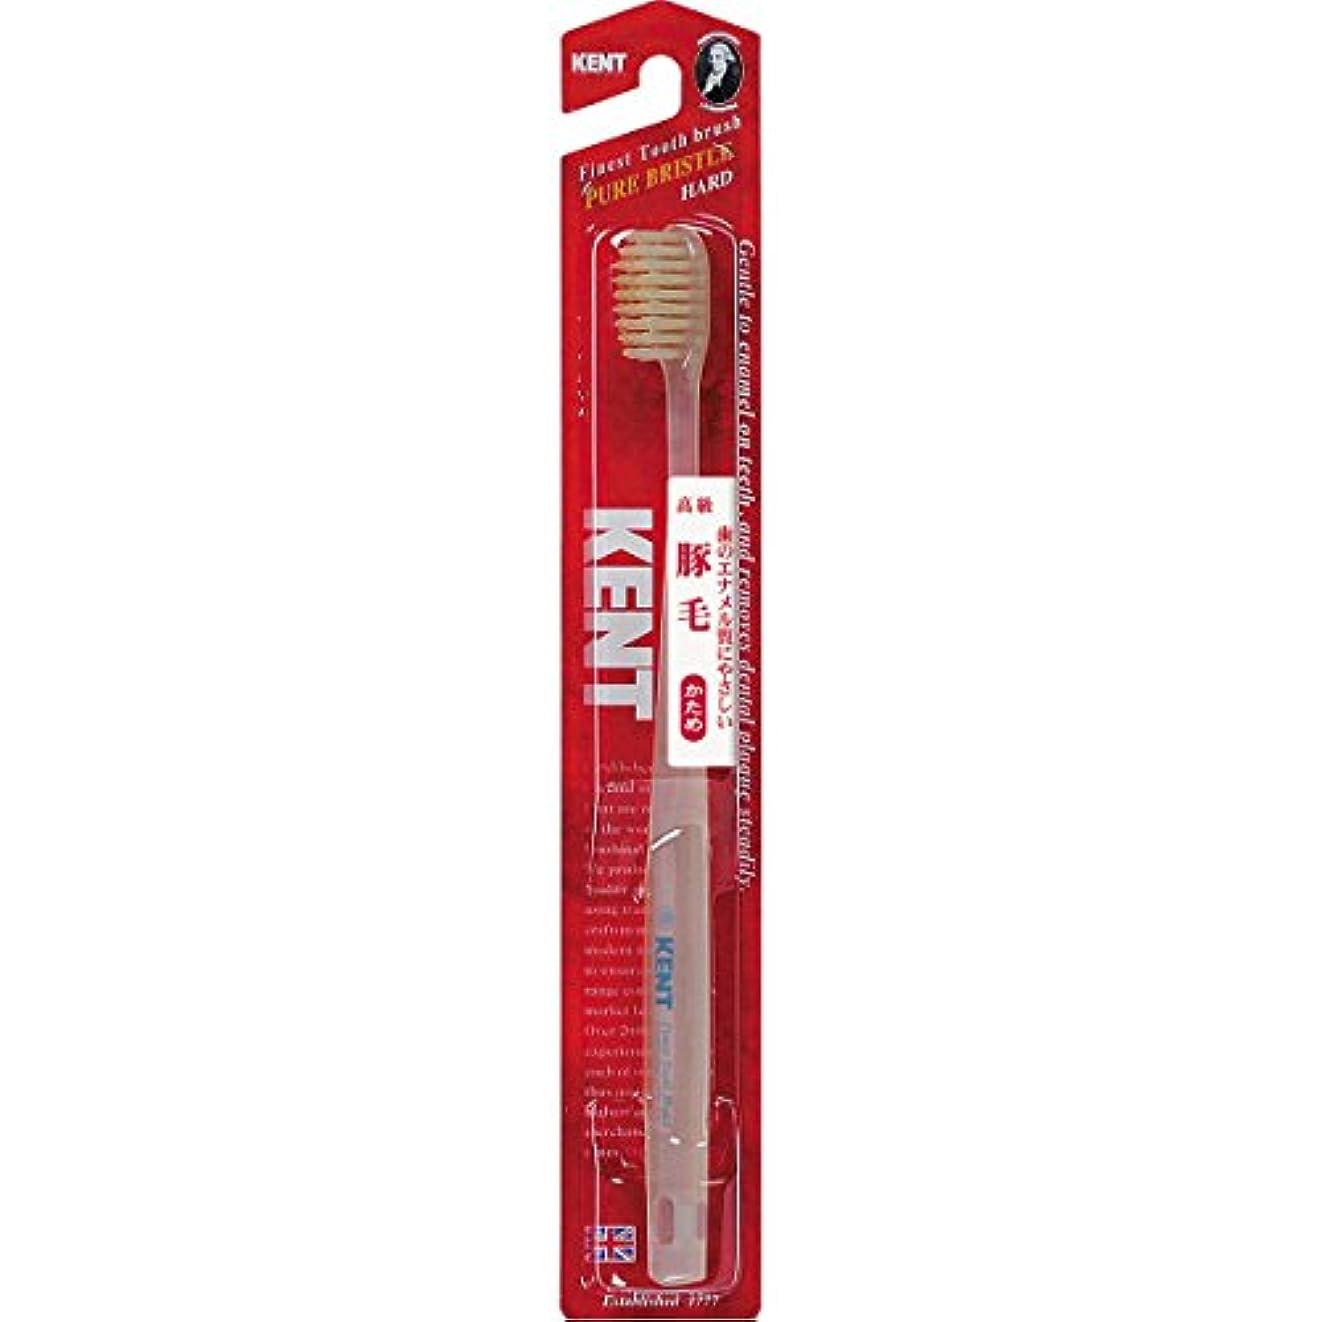 増強する技術的な論理KENTケント 豚毛歯ブラシ 毛の硬さ:かため KNT-1333 6本セット